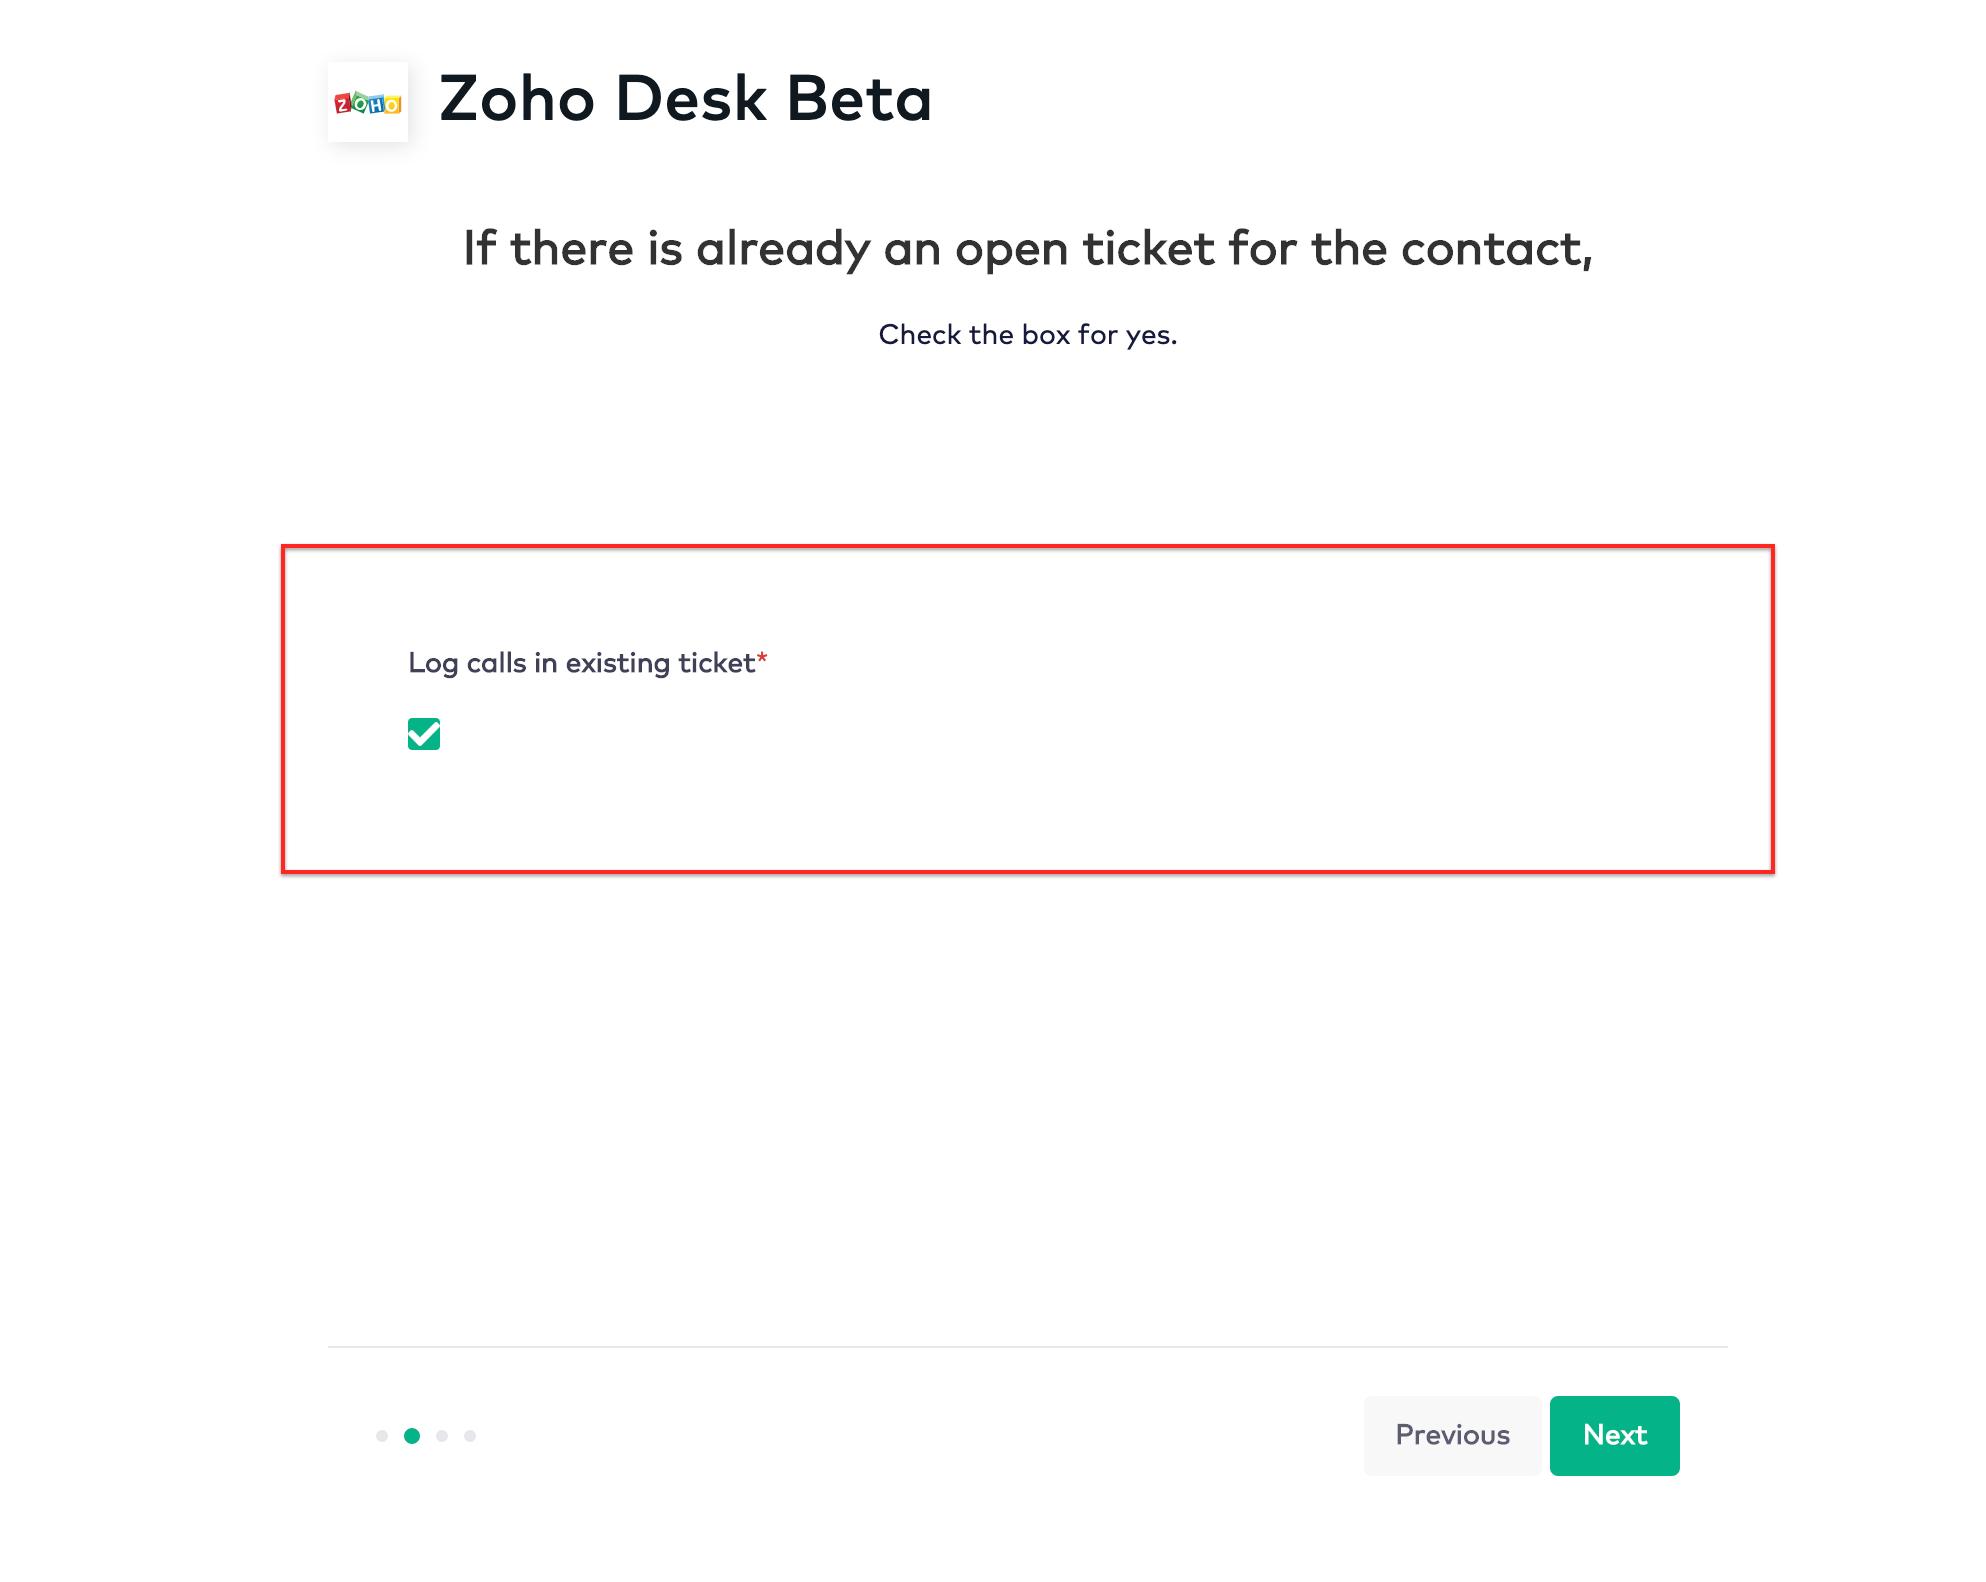 zohobeta_customize_call_logs.png